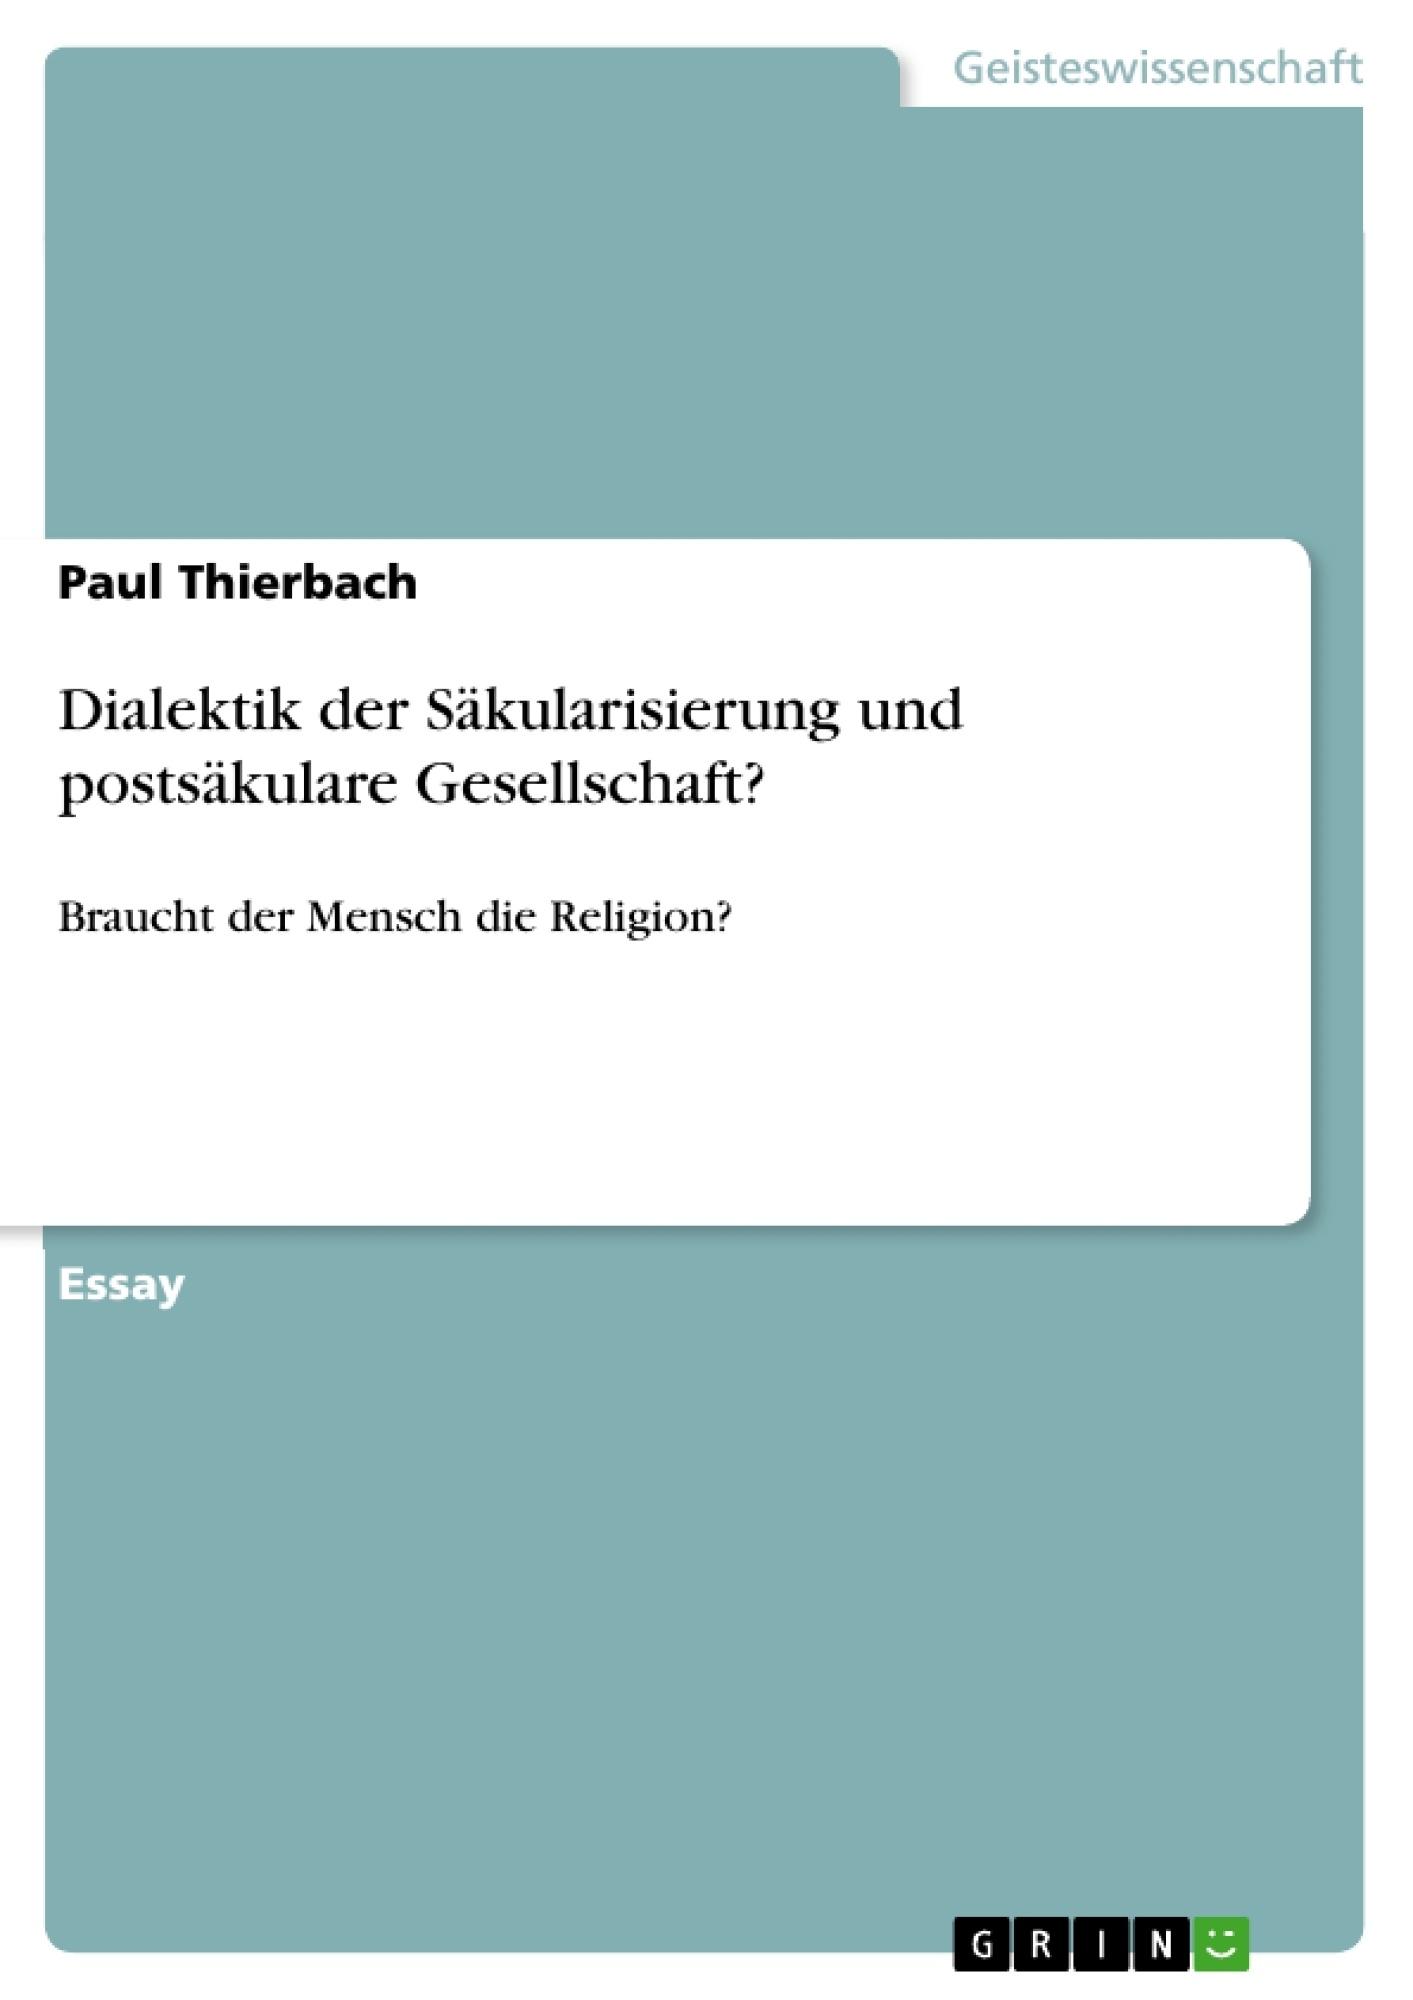 Titel: Dialektik der Säkularisierung und postsäkulare Gesellschaft?